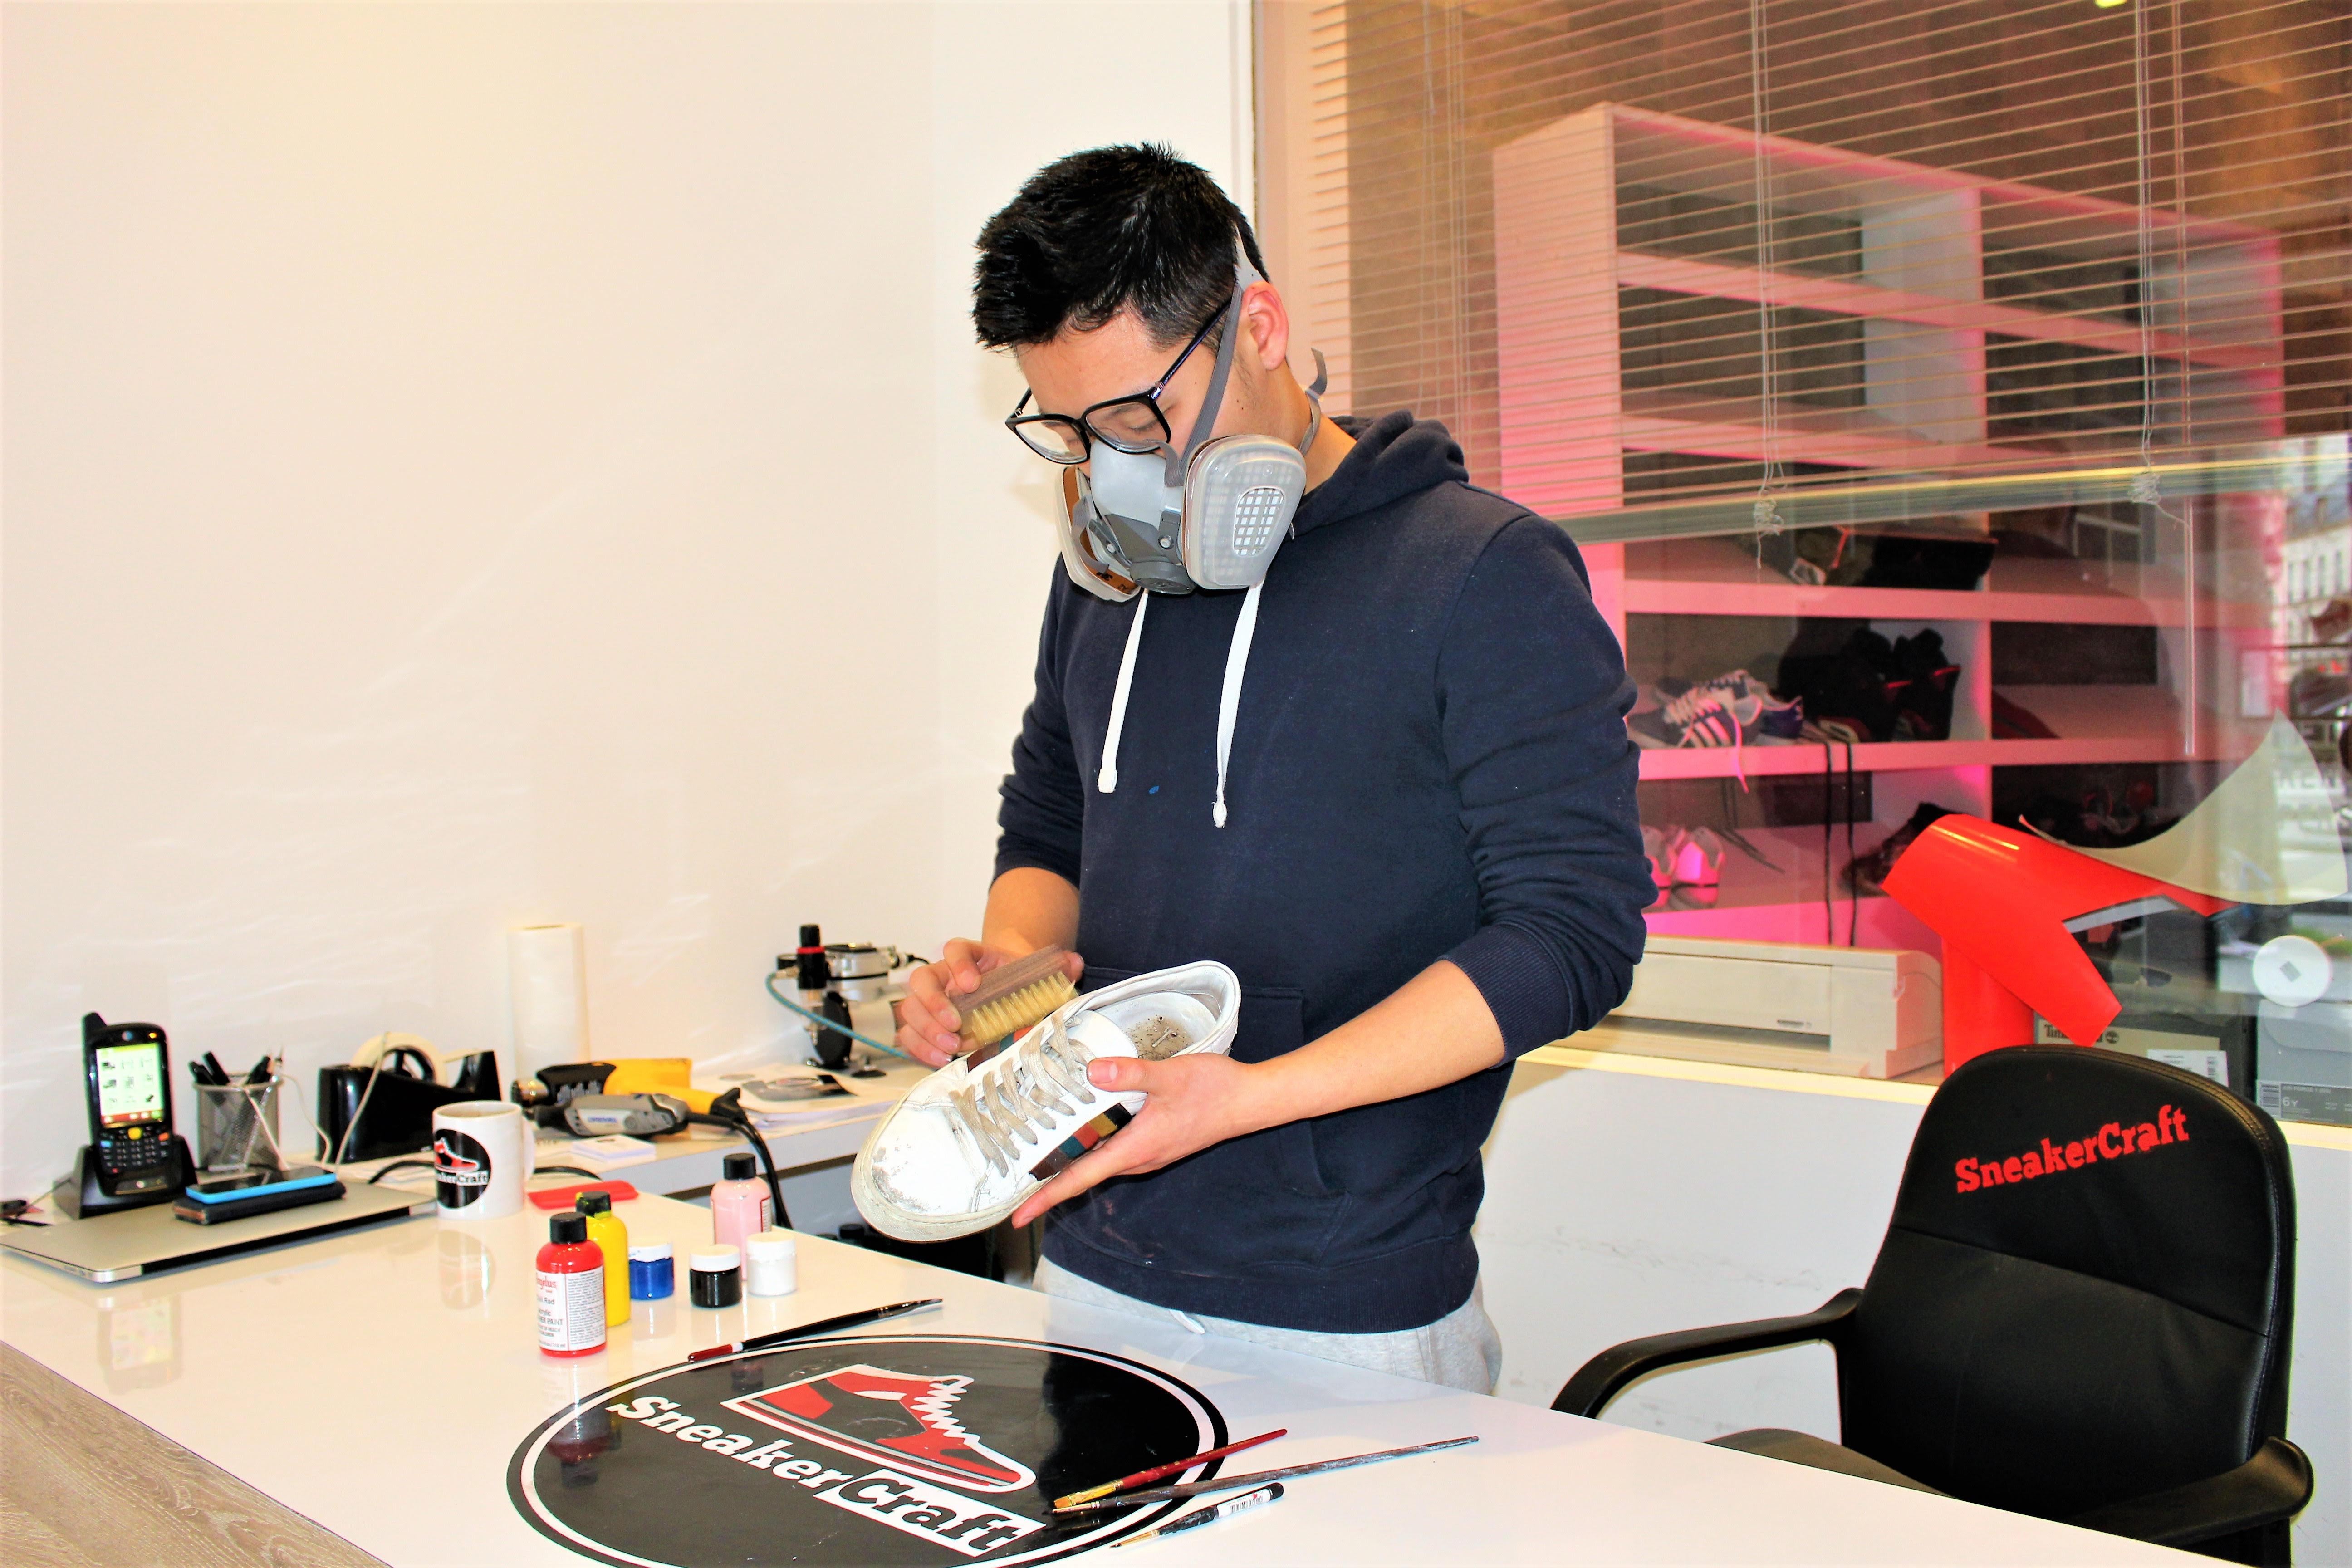 0a4b9789f0a SneakerCraft est un atelier de nettoyage